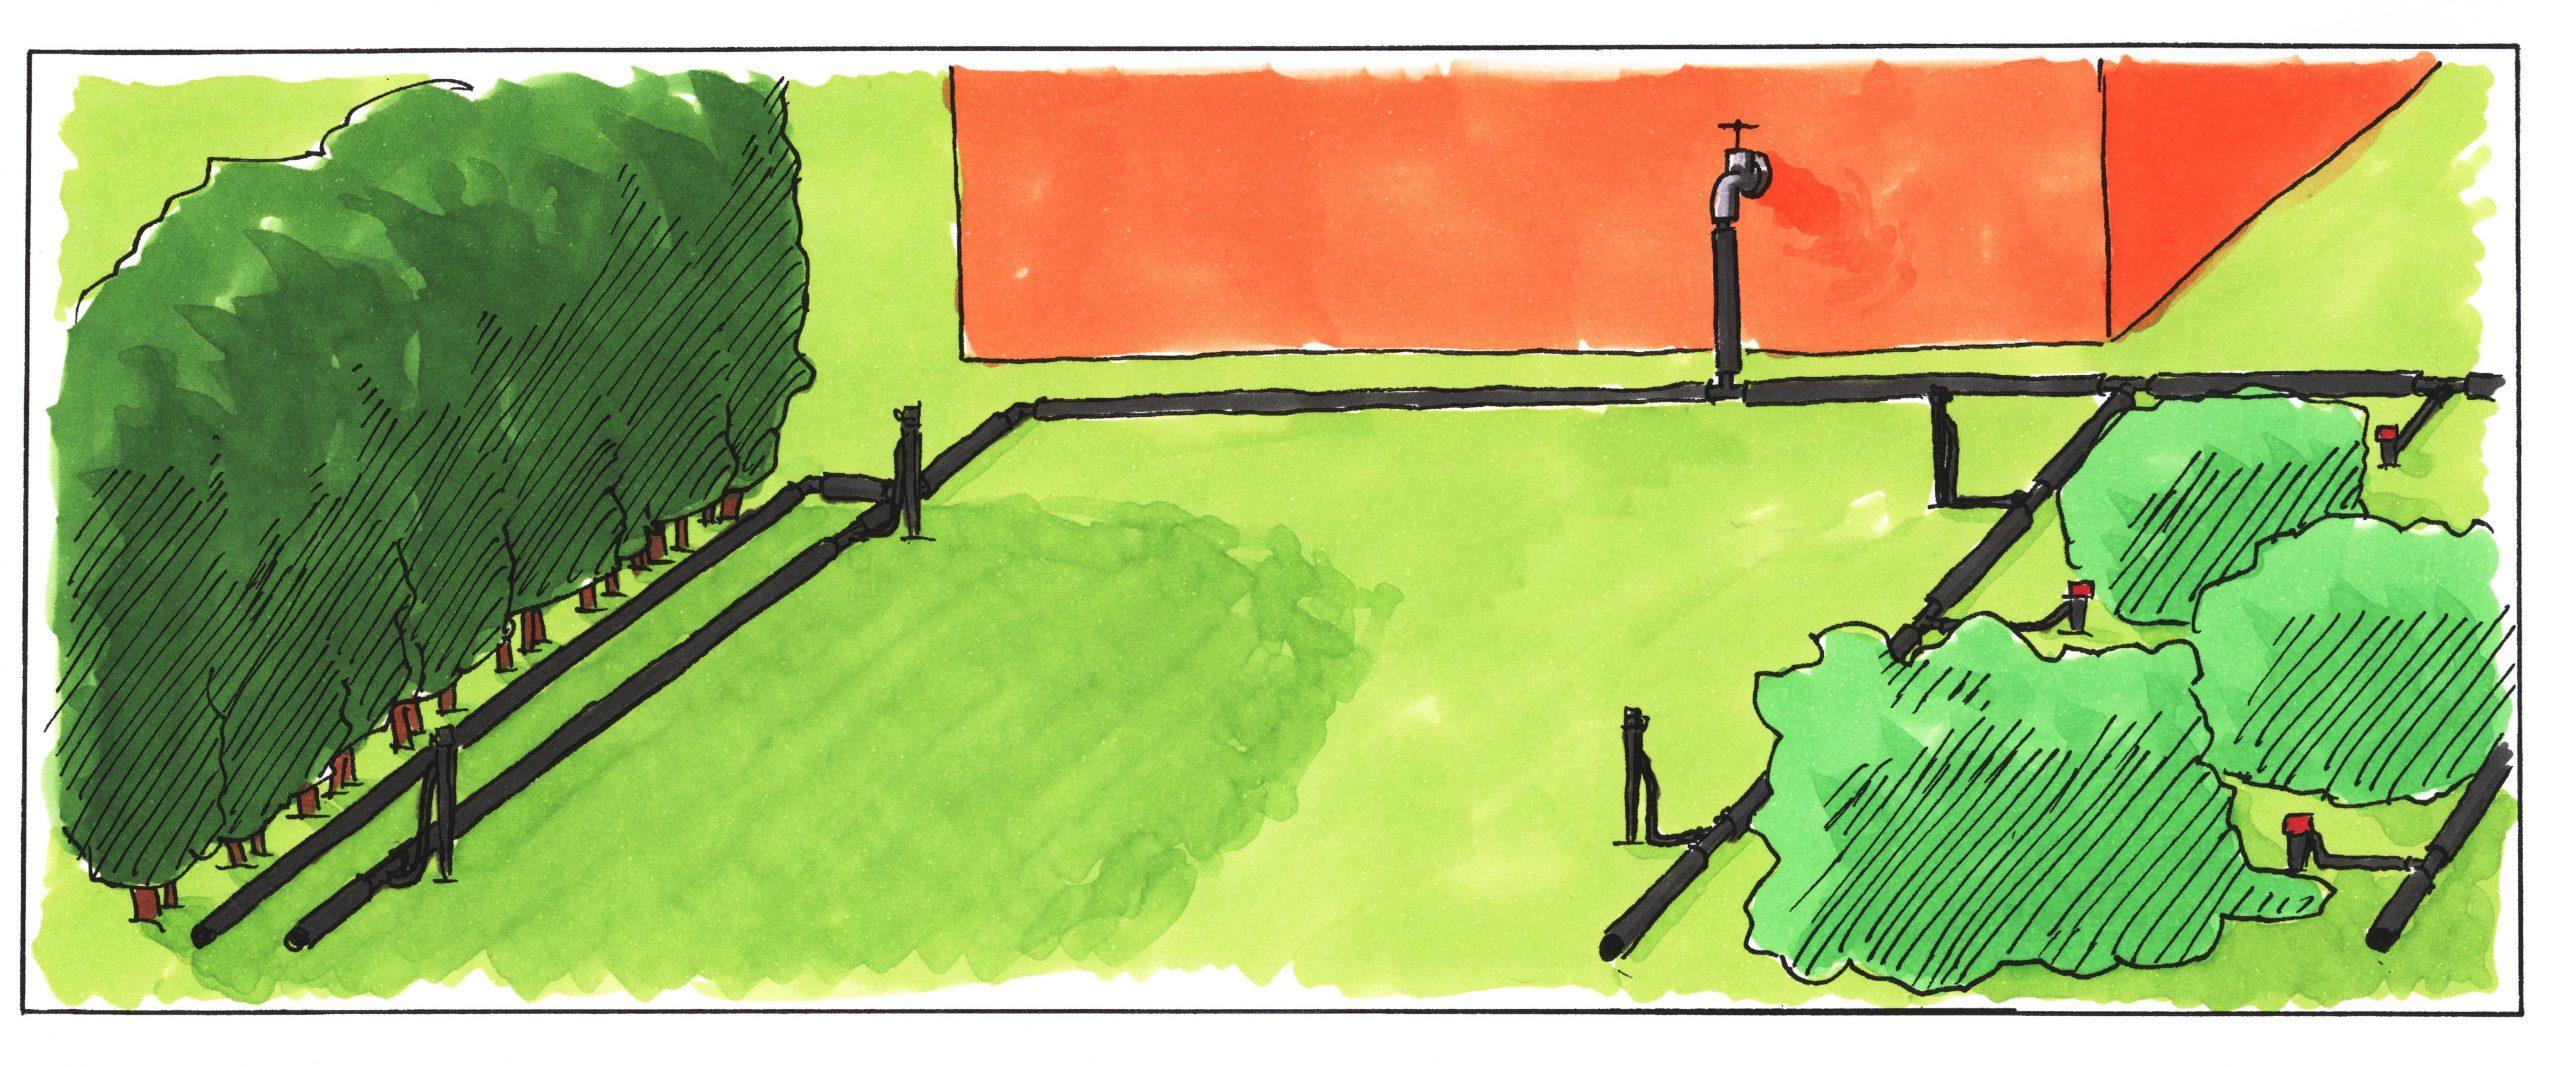 Full Size of Bewsserungssysteme Fr Automatische Gartenbewsserung Meine Heizstrahler Garten Essgruppe Versicherung Spielhaus Holz Vertikaler Skulpturen Liege Garten Bewässerungssystem Garten